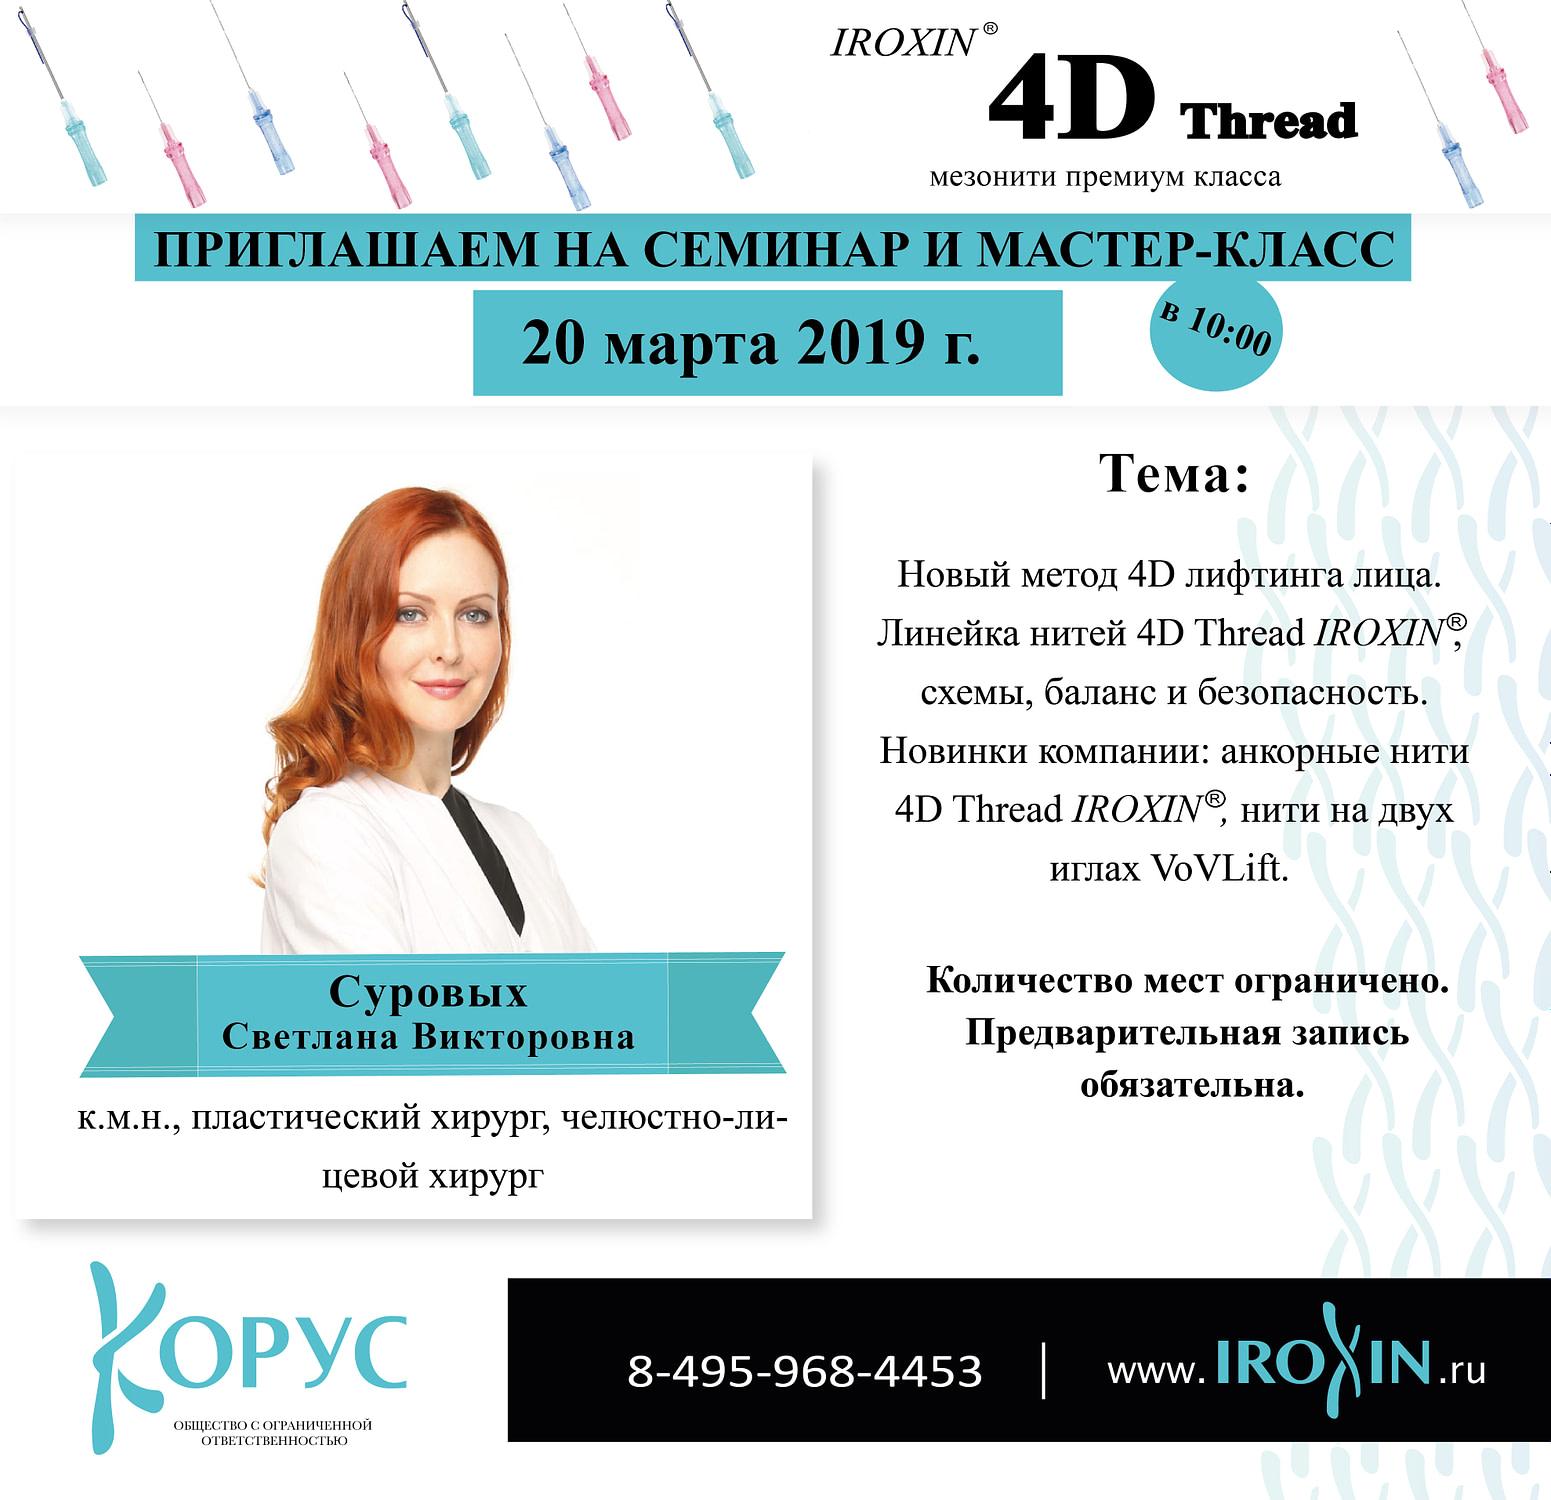 Приглашаем на семинар в г.Москва 20.03.2019